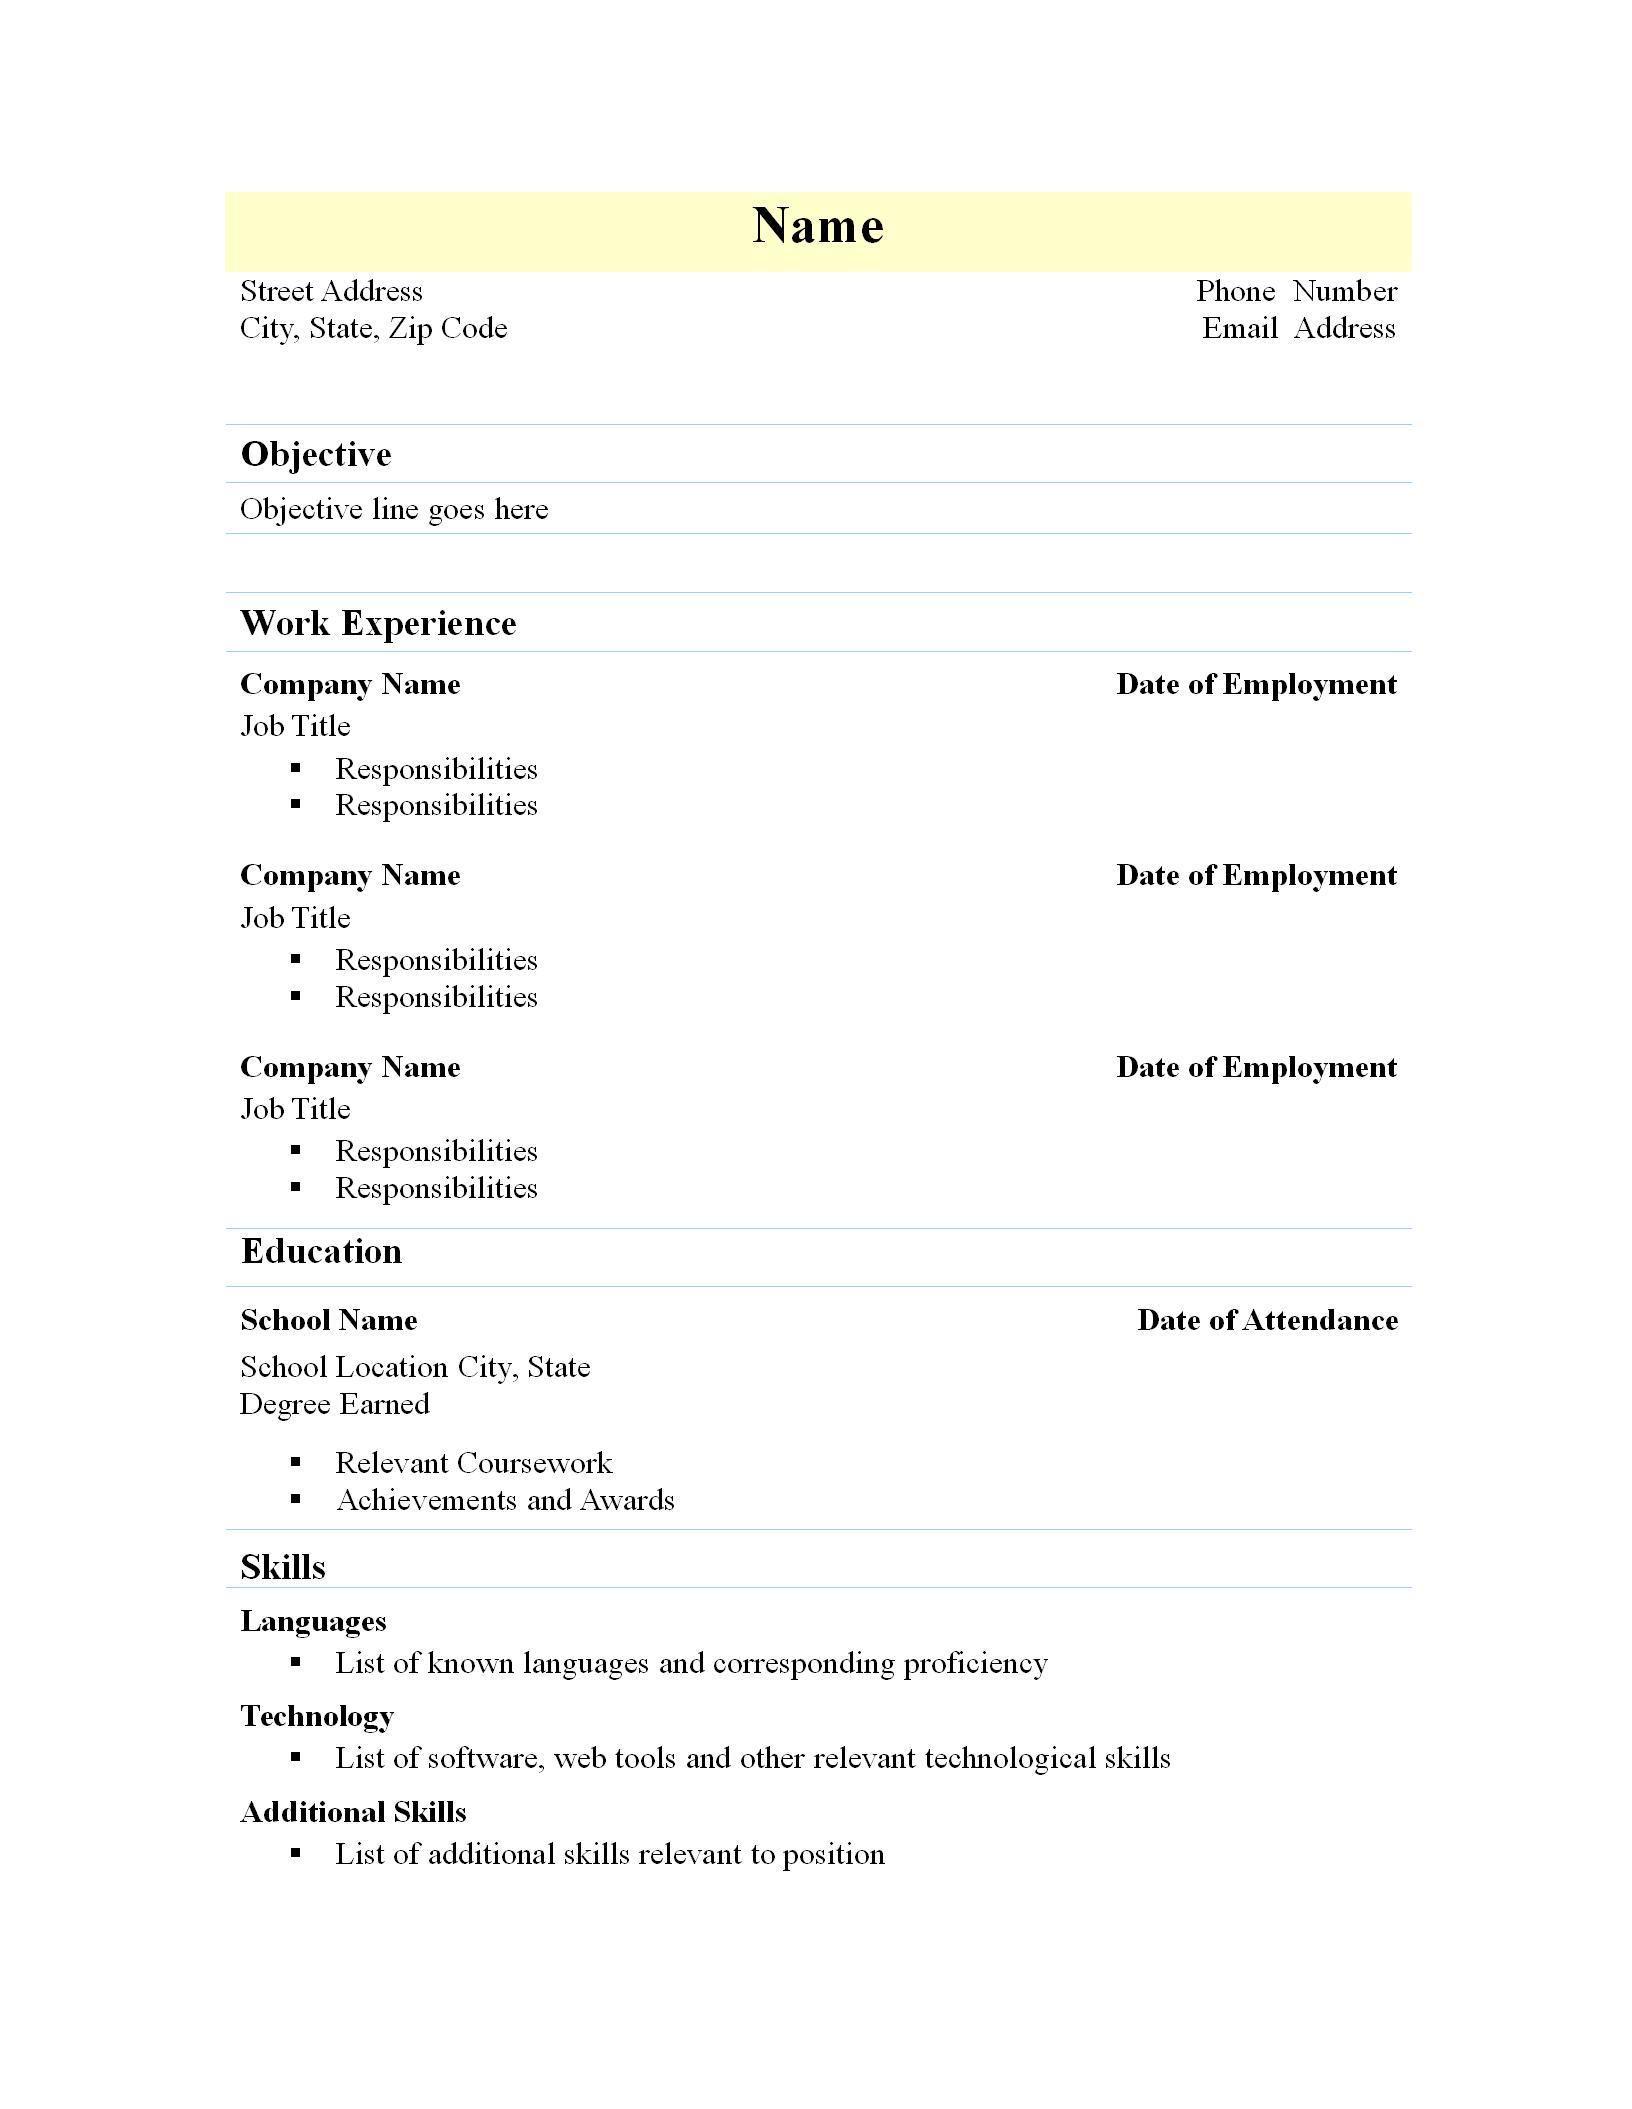 nuik noke Simple Resume Template Free Download in 2020